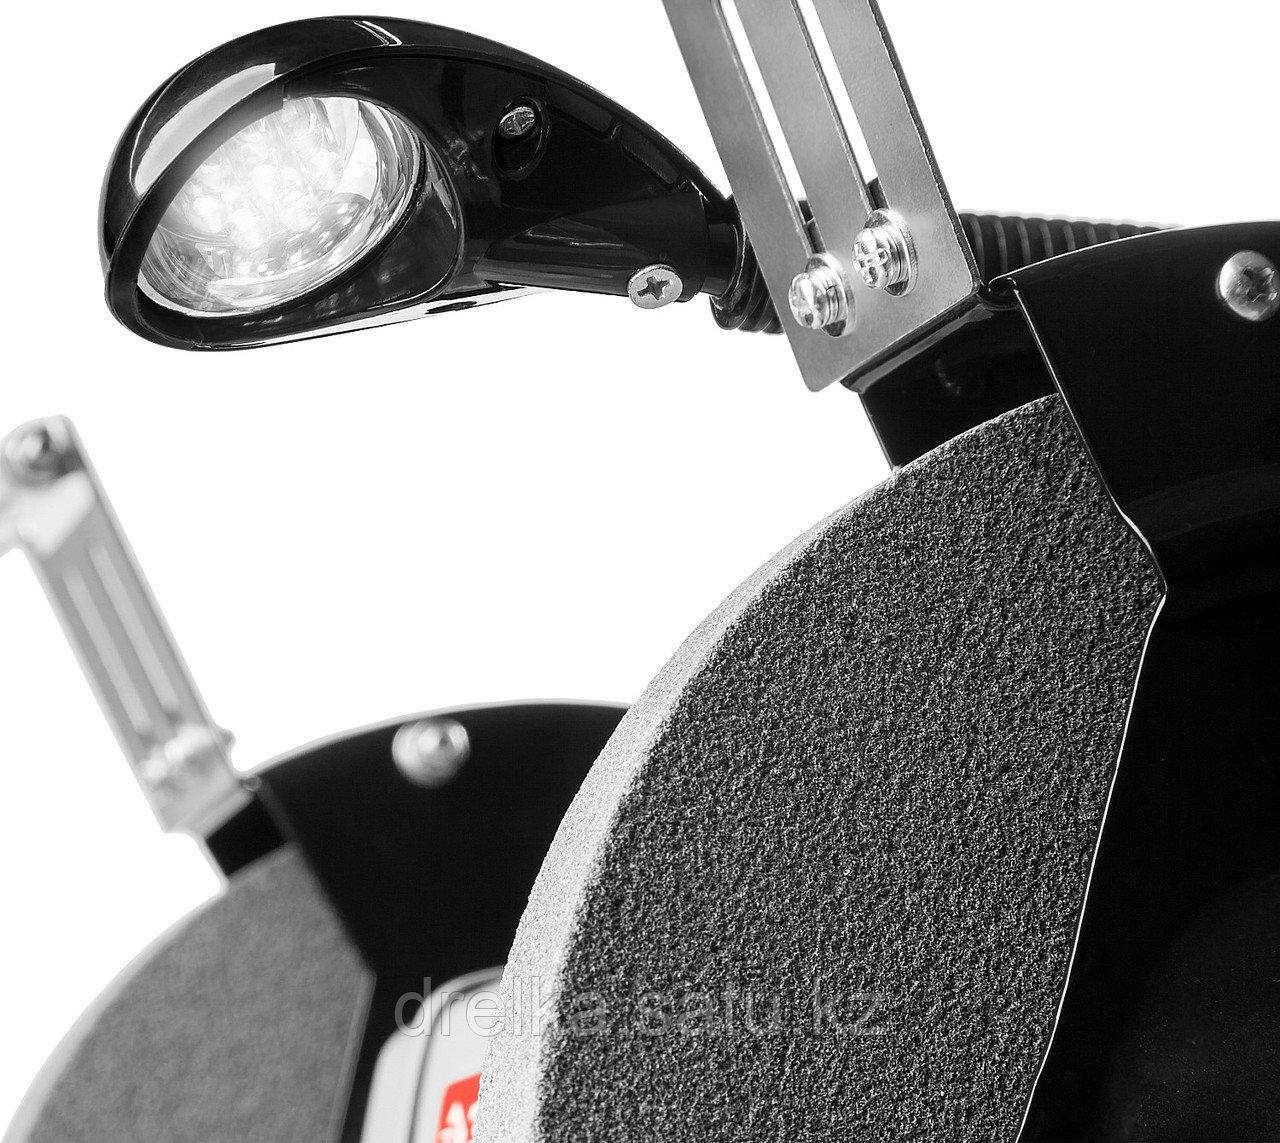 Станок точильный ЗУБР ЗТШМ-150-250, МАСТЕР, двойной, диск 150 х 20 х 32 мм, лампа подсветки, 250 Вт. - фото 4